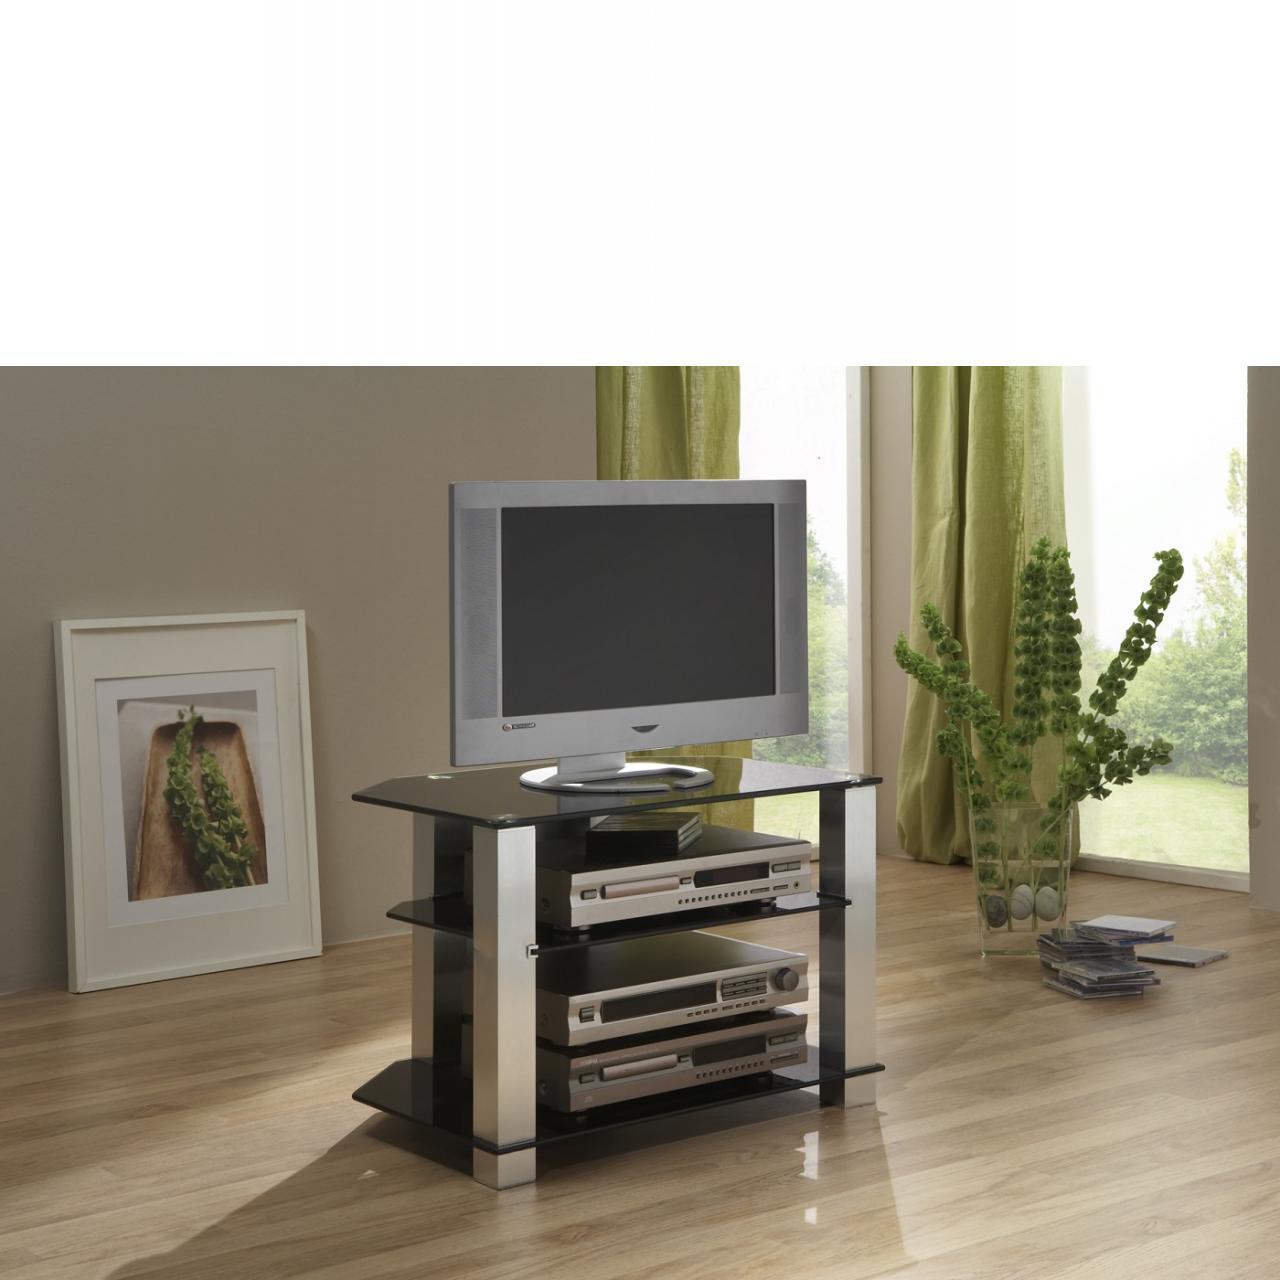 tv tisch visual 67100 tv hifi m bel wohnen m bel j hnichen center gmbh. Black Bedroom Furniture Sets. Home Design Ideas